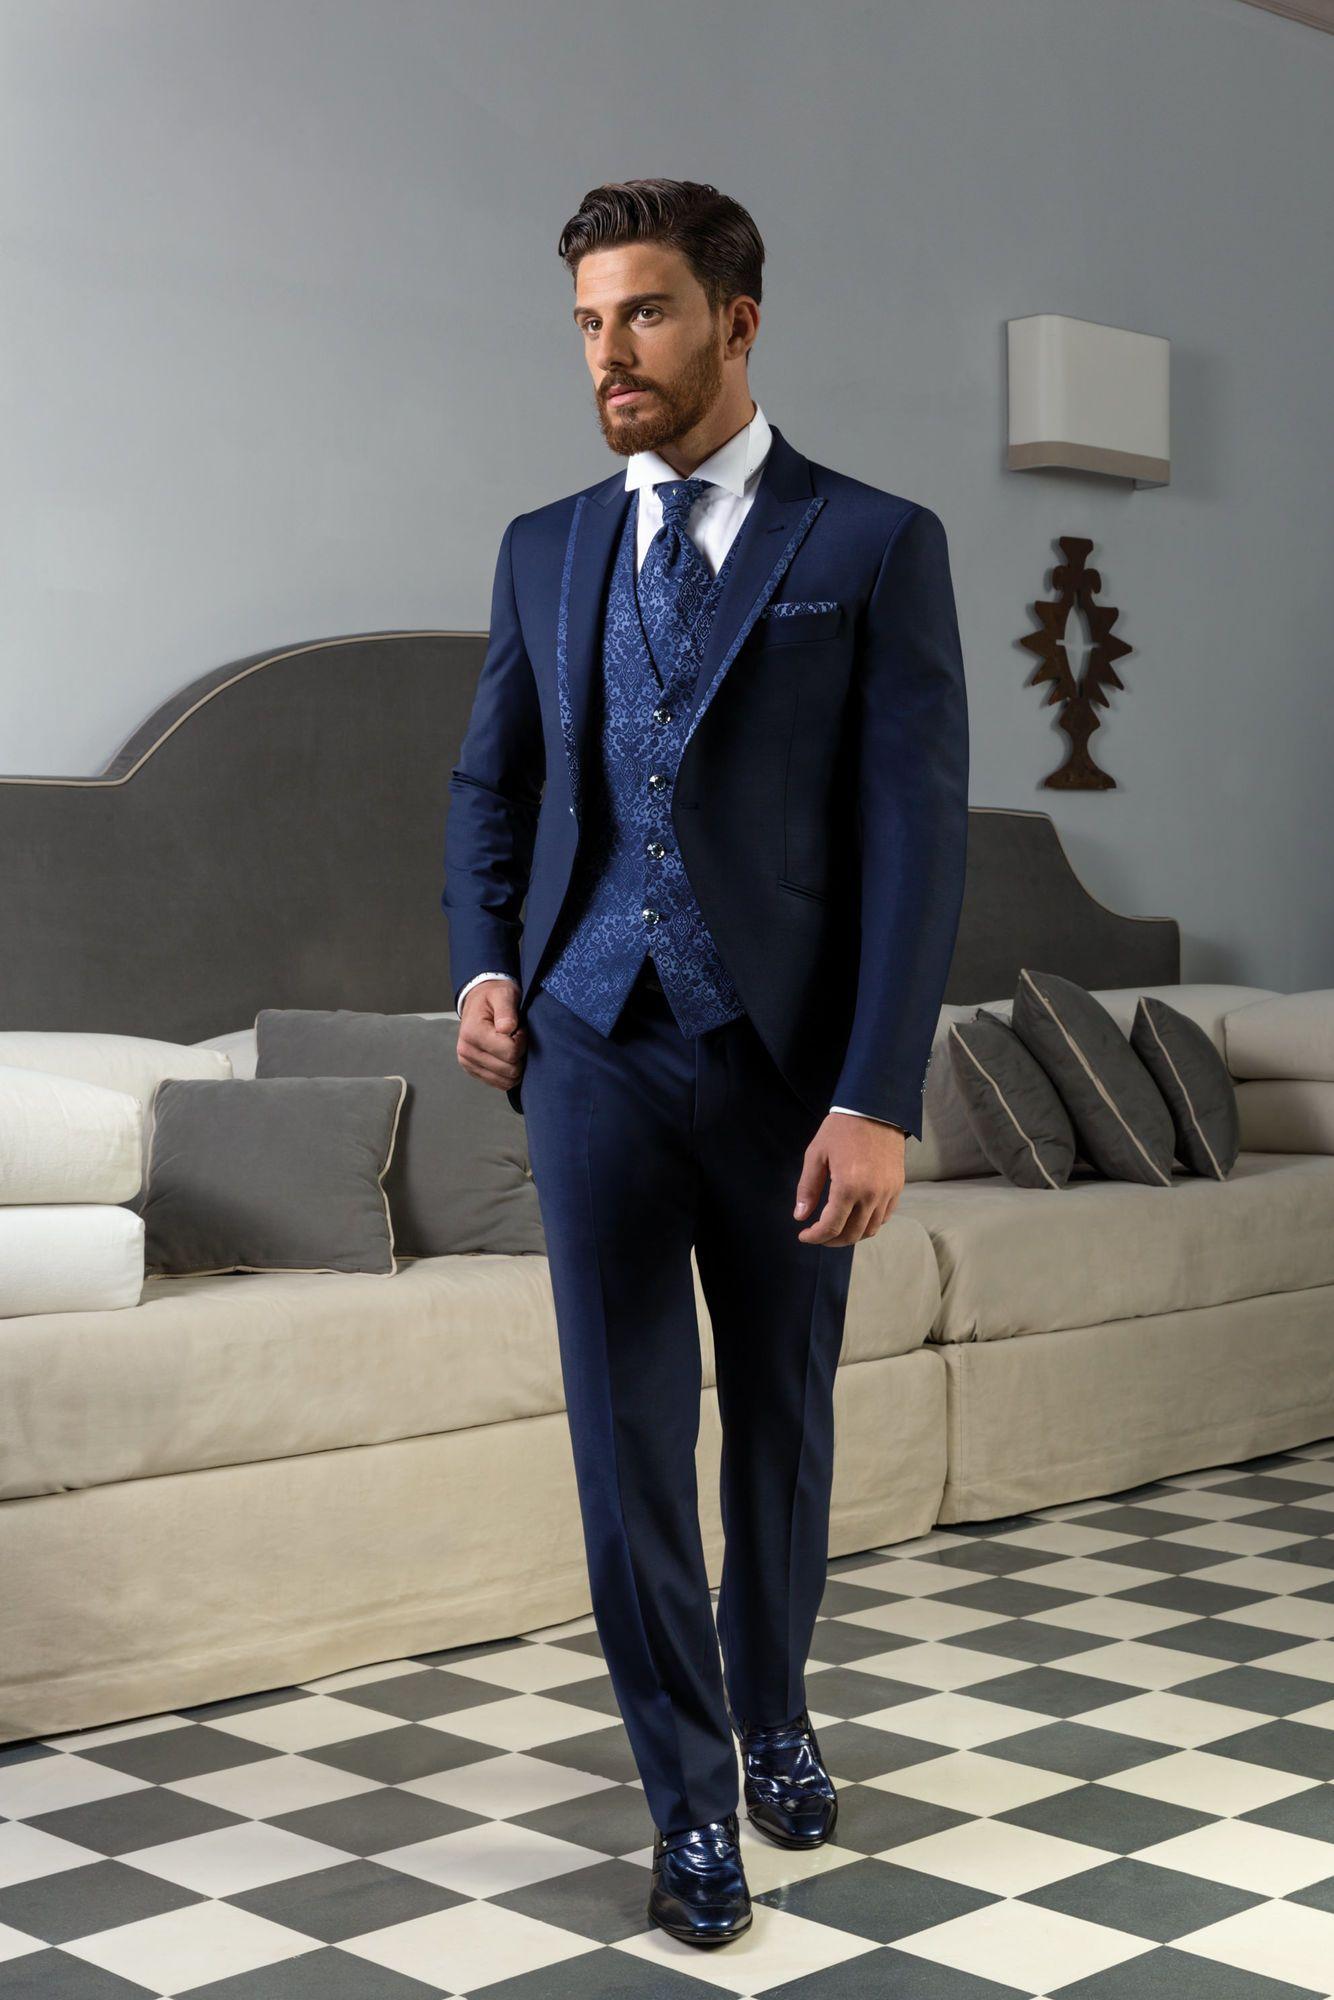 71e2f1153ac4 Vestito da sposo blu marino con giacca stondata